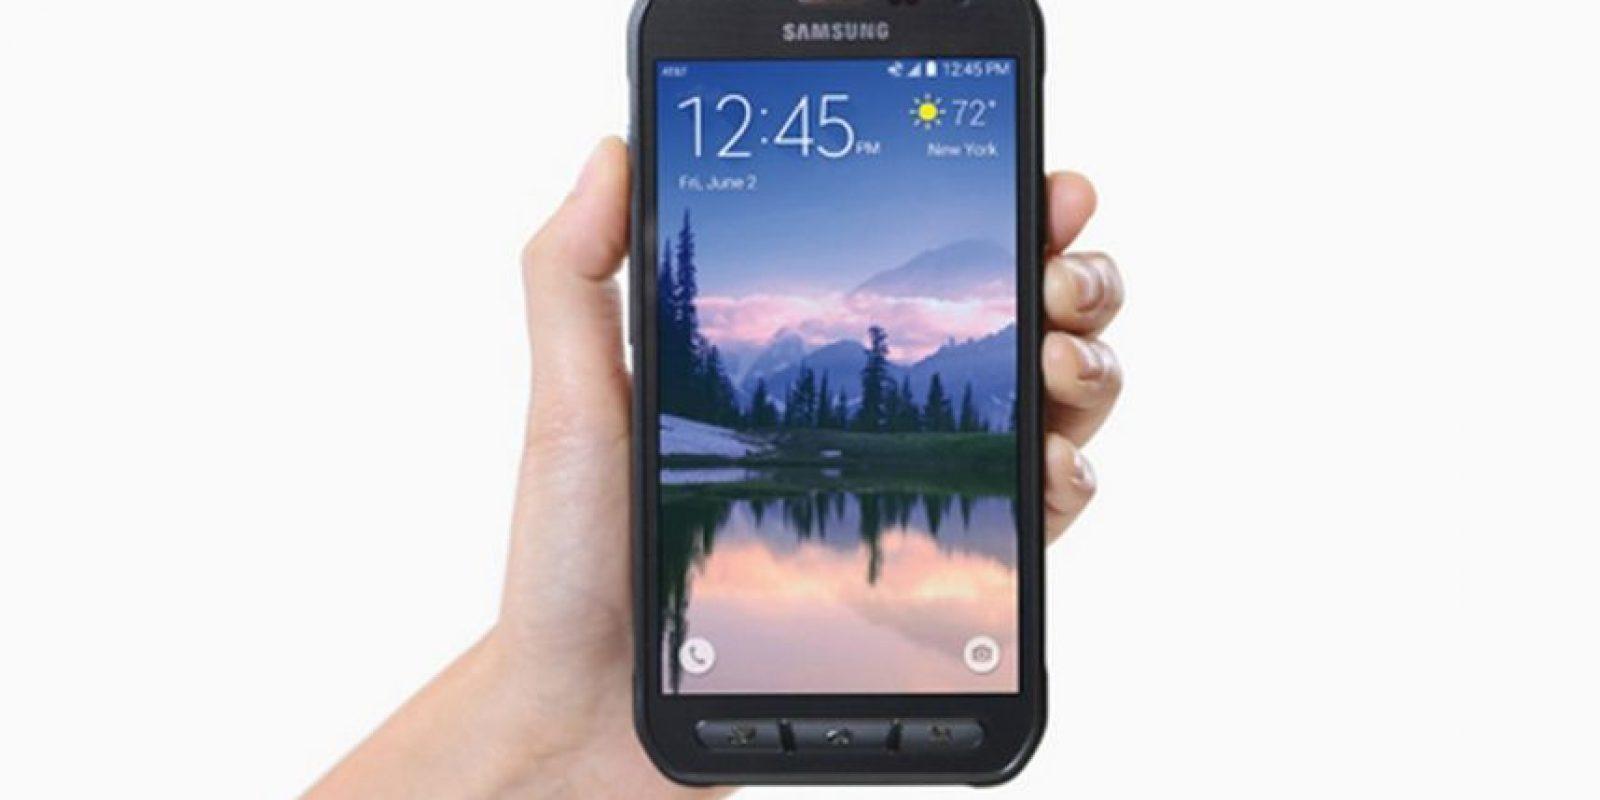 Tiene una pantalla Full HD de 5.1 pulgadas, batería de 3.500 mAh, cámara posterior de 16 megapíxeles, Android 5.01. Lollipop, además de resistencia al agua y el polvo (IP68). Foto:Samsung